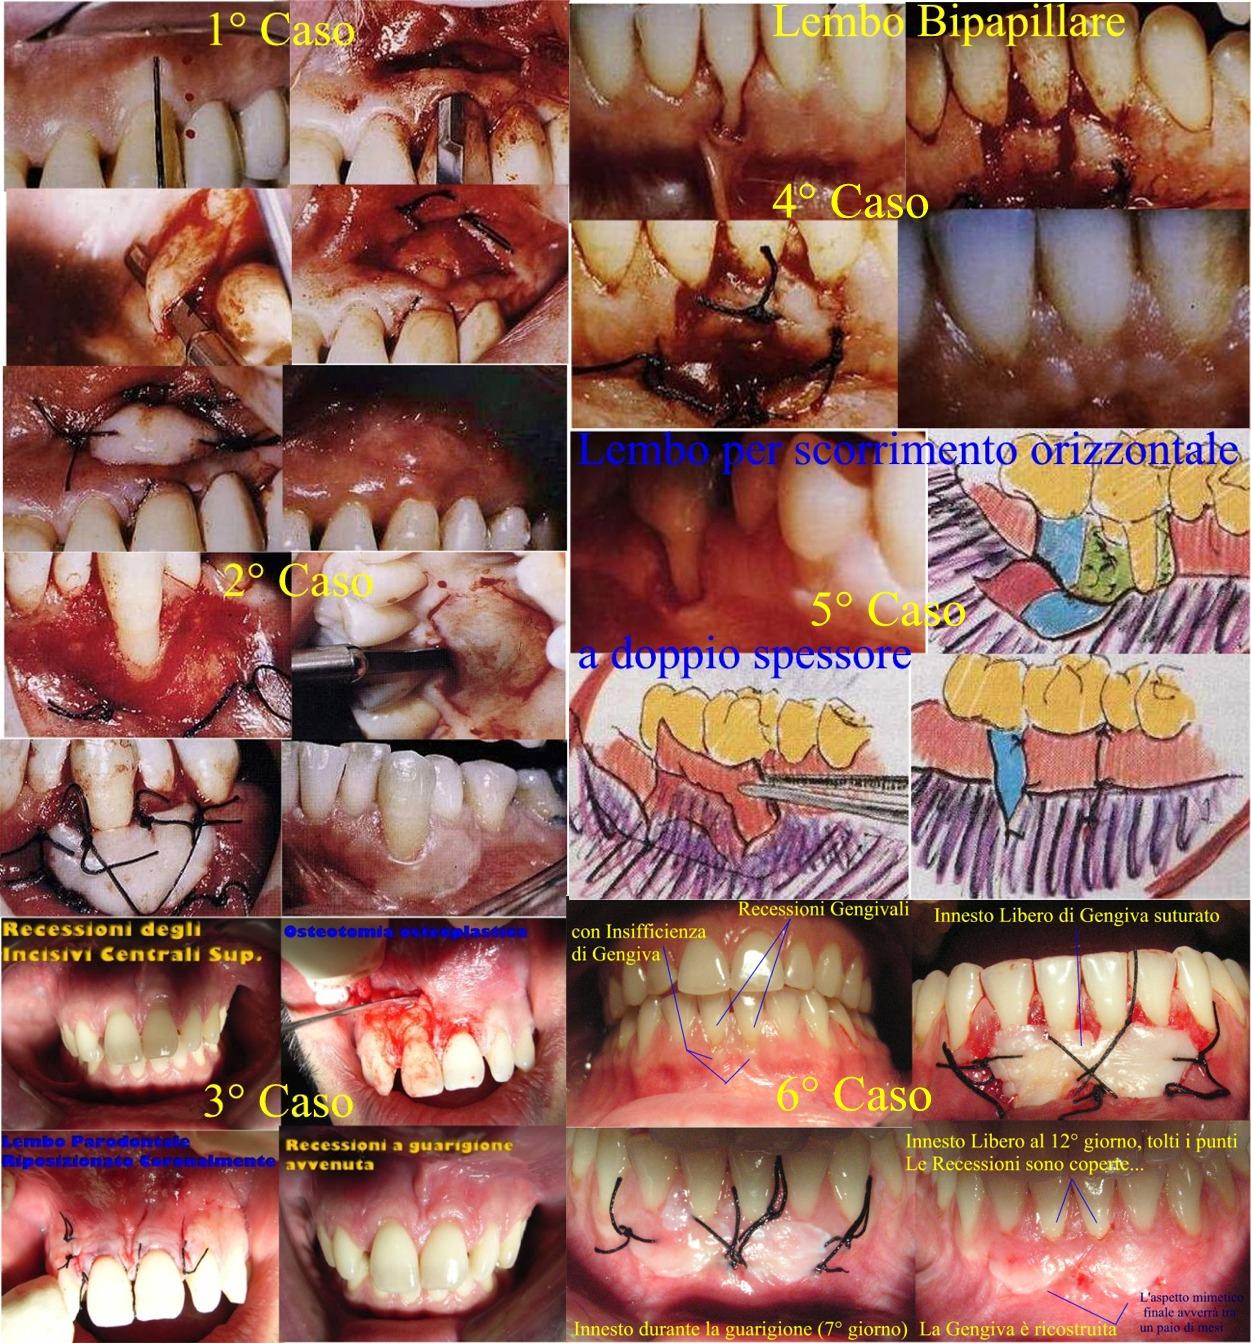 Recessioni Gengivali e Chirurgia Mucogengivale per la Terapia Parodontale. Da casistica del Dr. Gustavo Petti Parodontologo di Cagliari